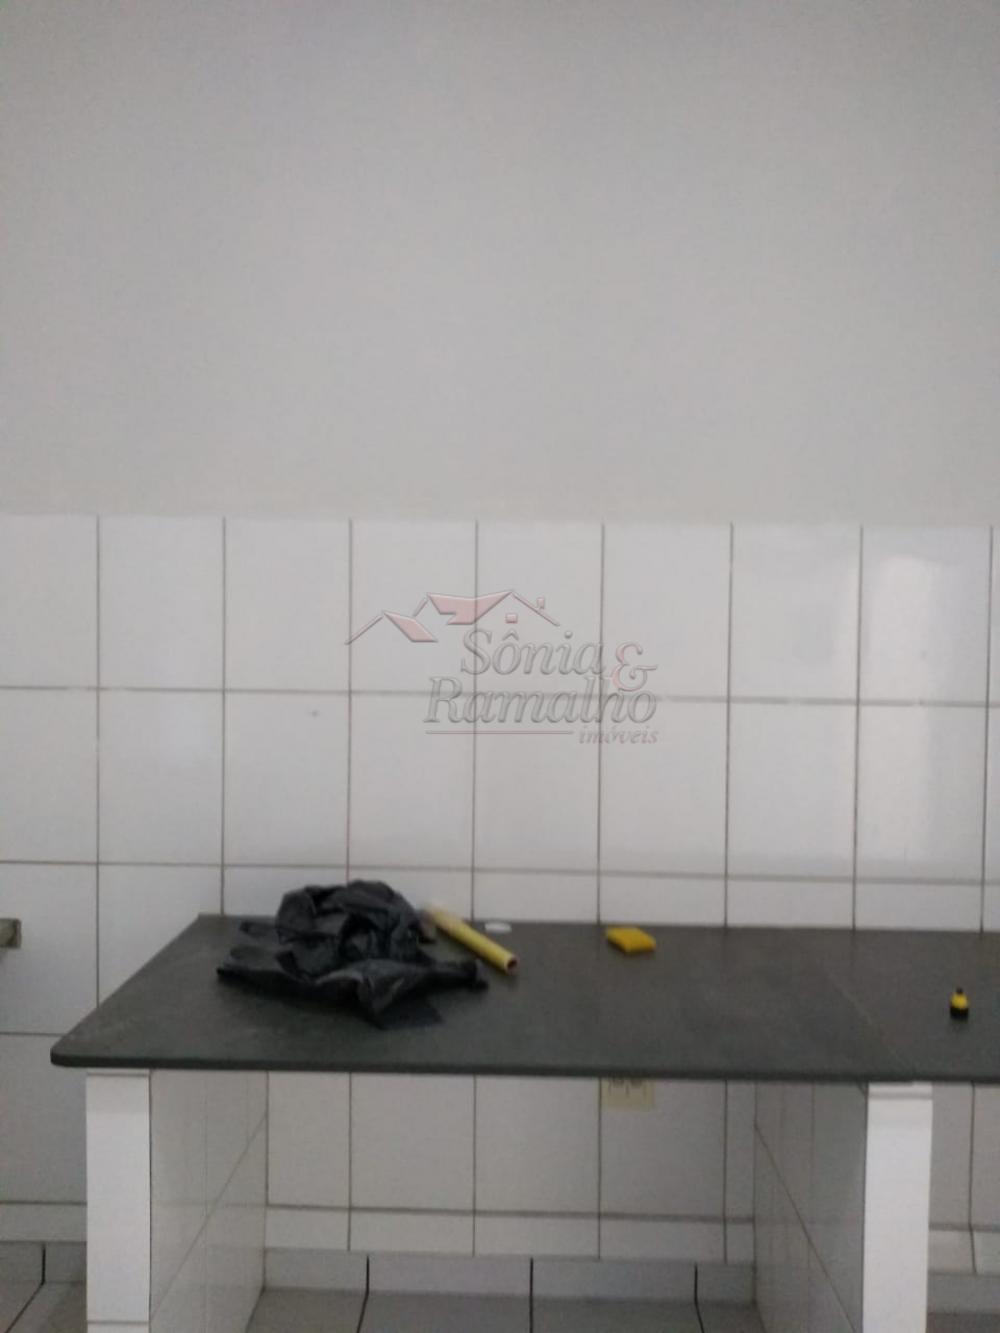 Alugar Comercial / Salão comercial em Ribeirão Preto apenas R$ 750,00 - Foto 8